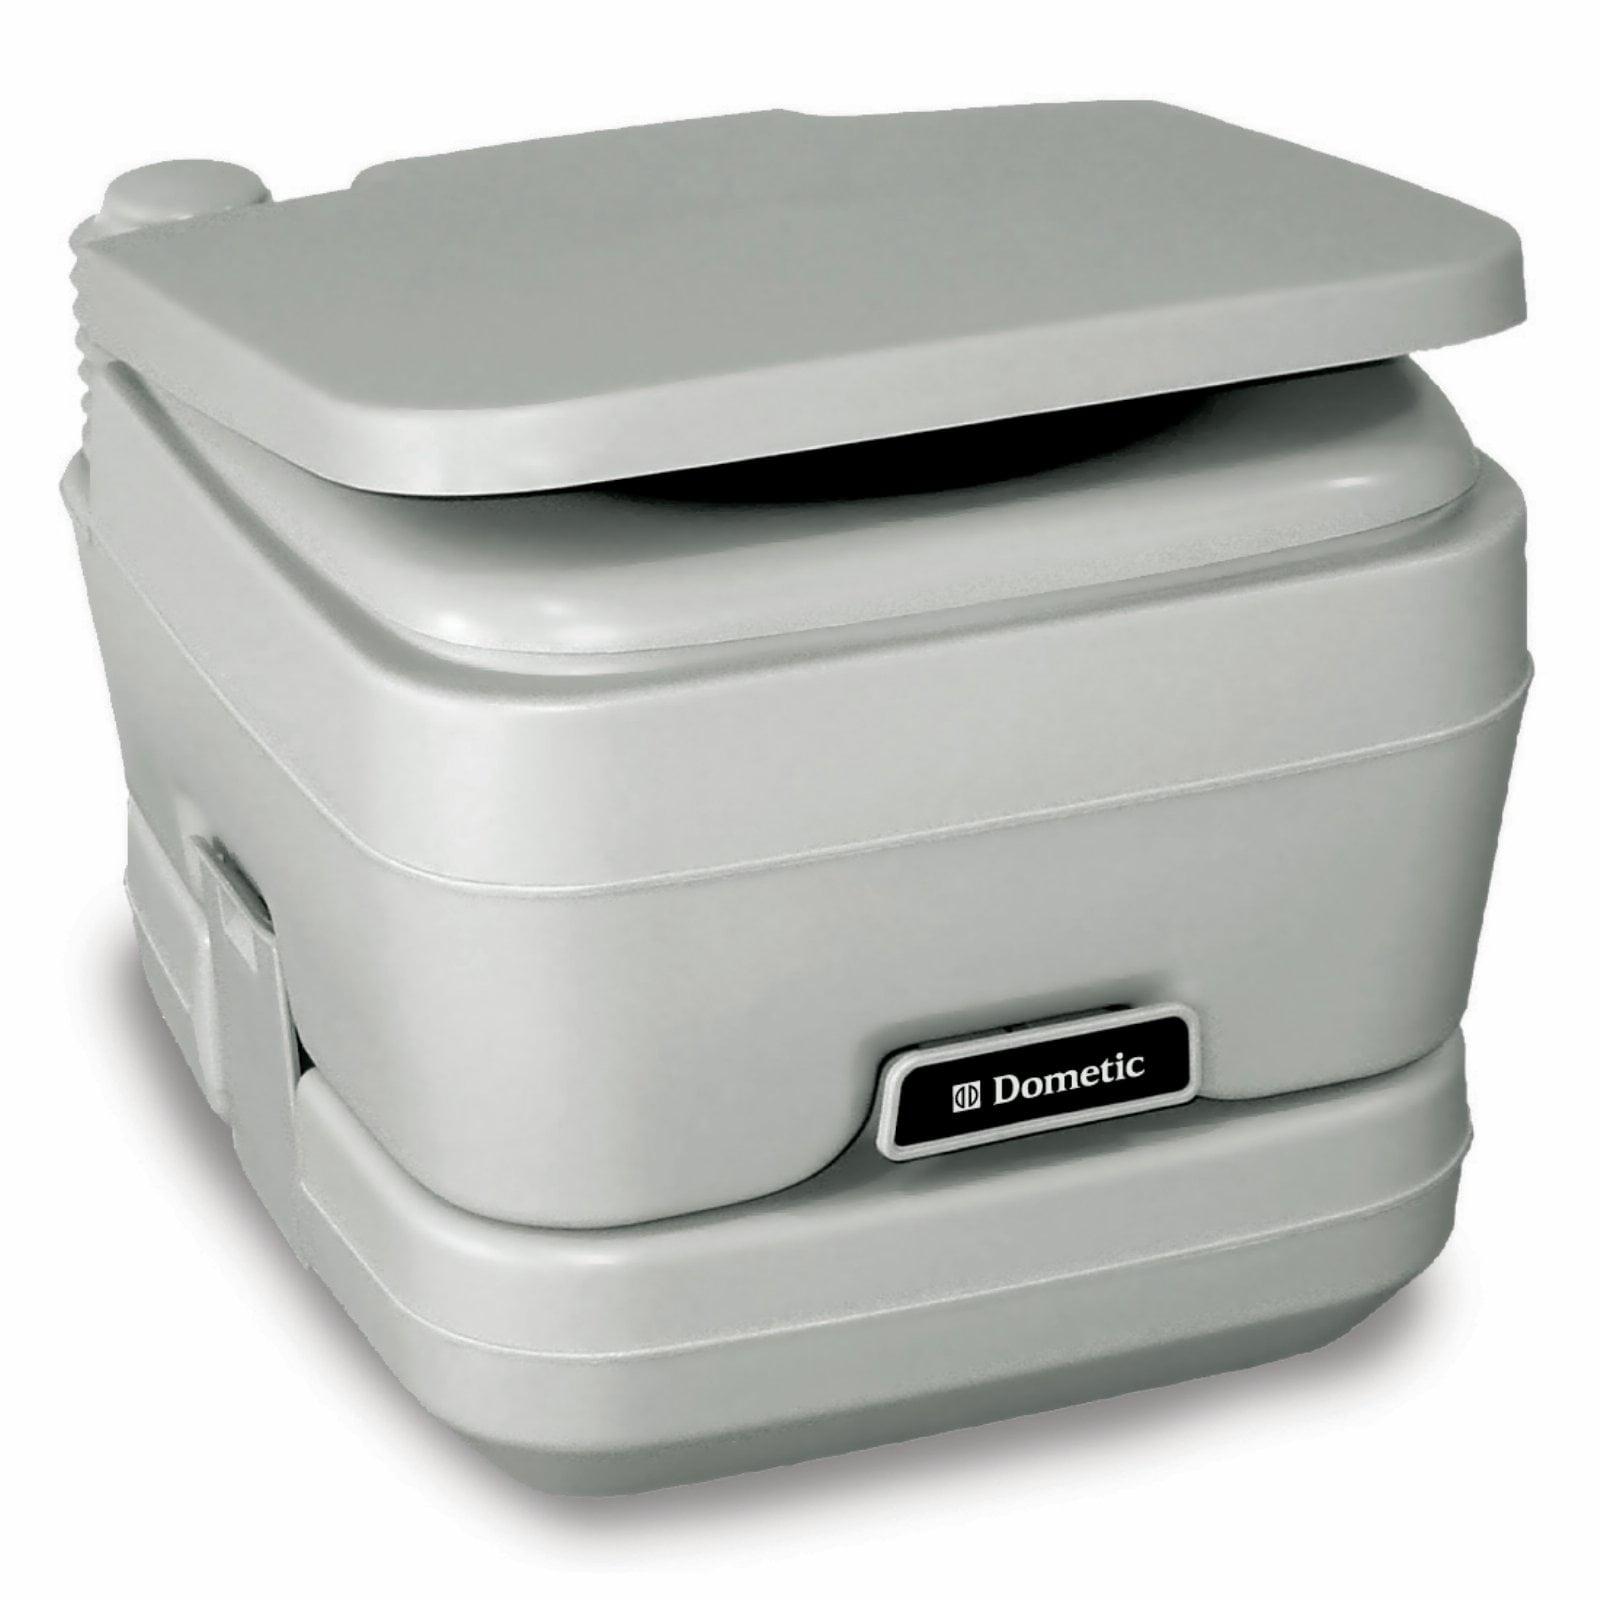 Dometic 962 Portable Toilet Bonus Pack - 2.5 Gallon